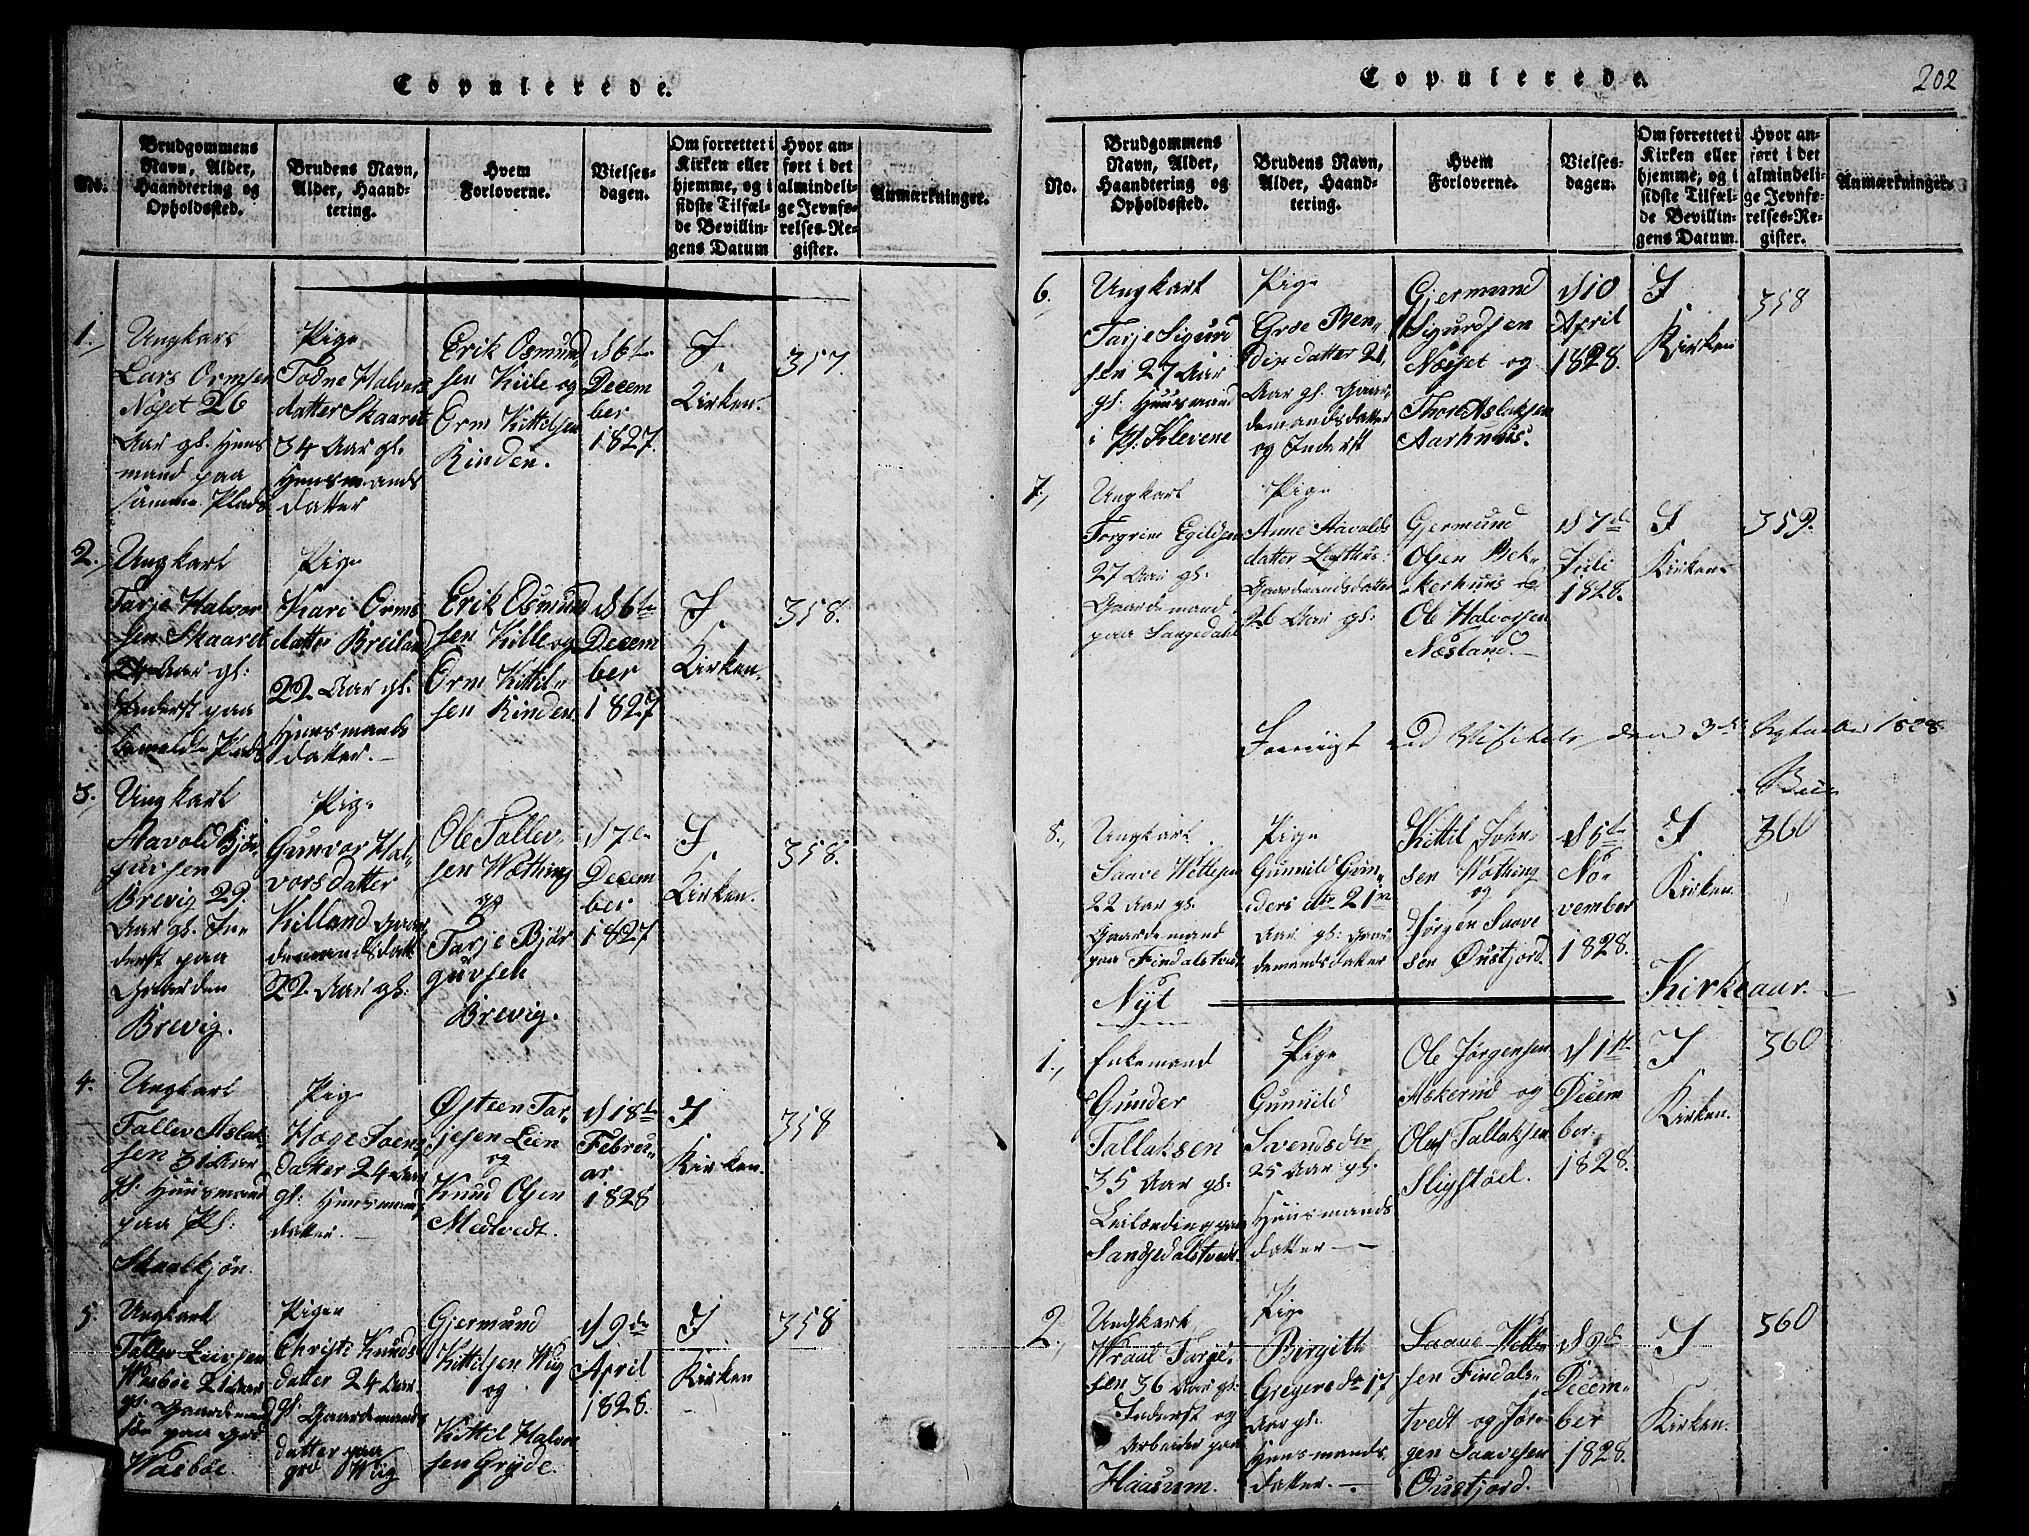 SAKO, Fyresdal kirkebøker, G/Ga/L0001: Klokkerbok nr. I 1, 1816-1840, s. 202